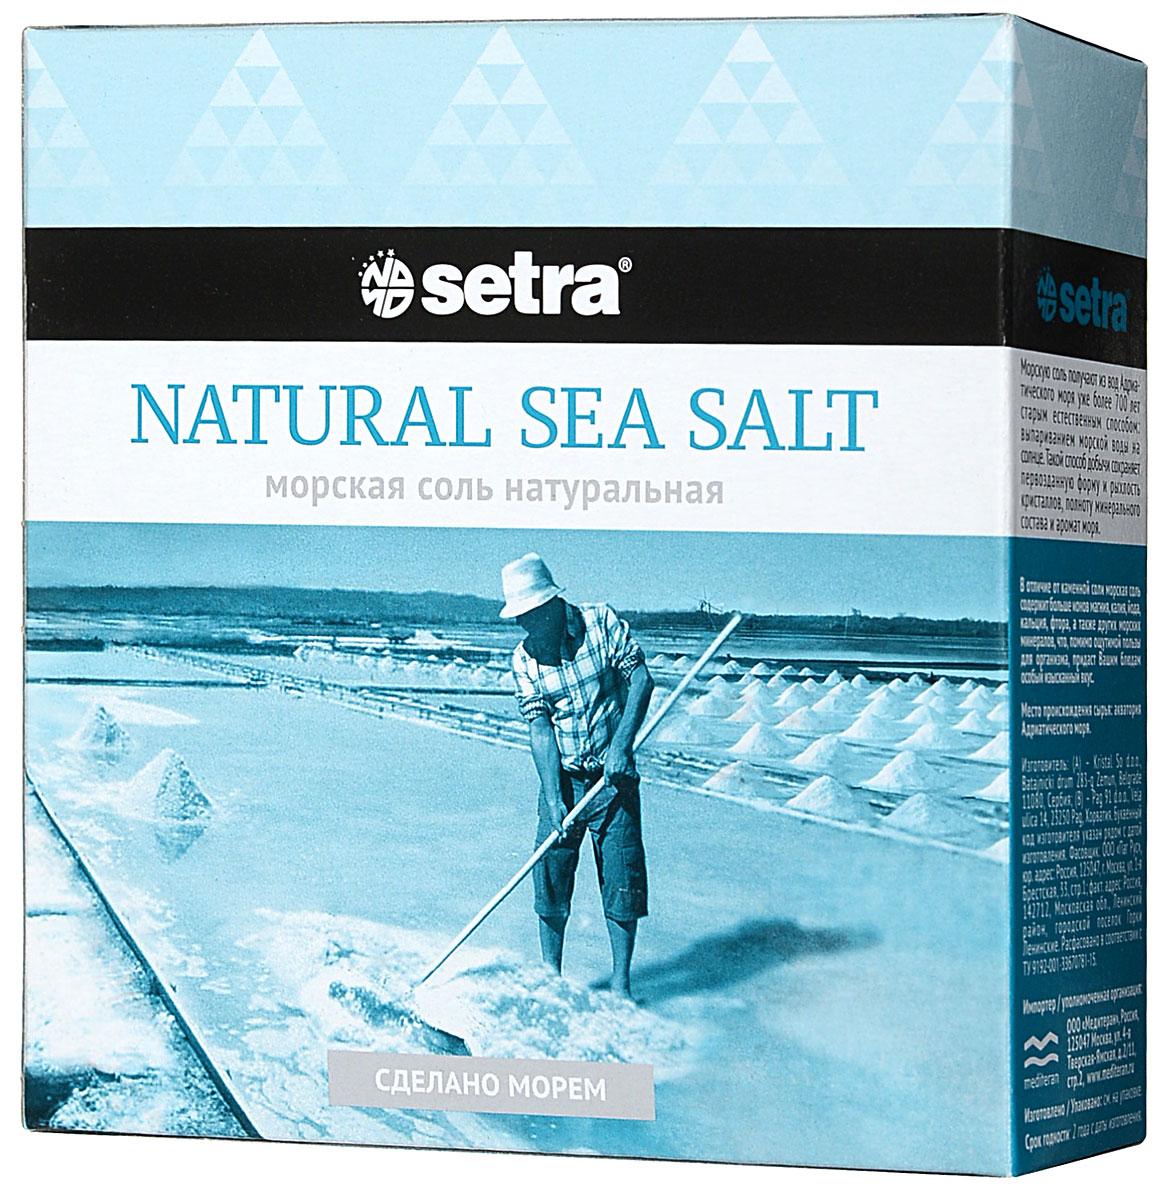 Соль Setra морская натуральная, 500 г setra соль морская крупная йодированная 500 г